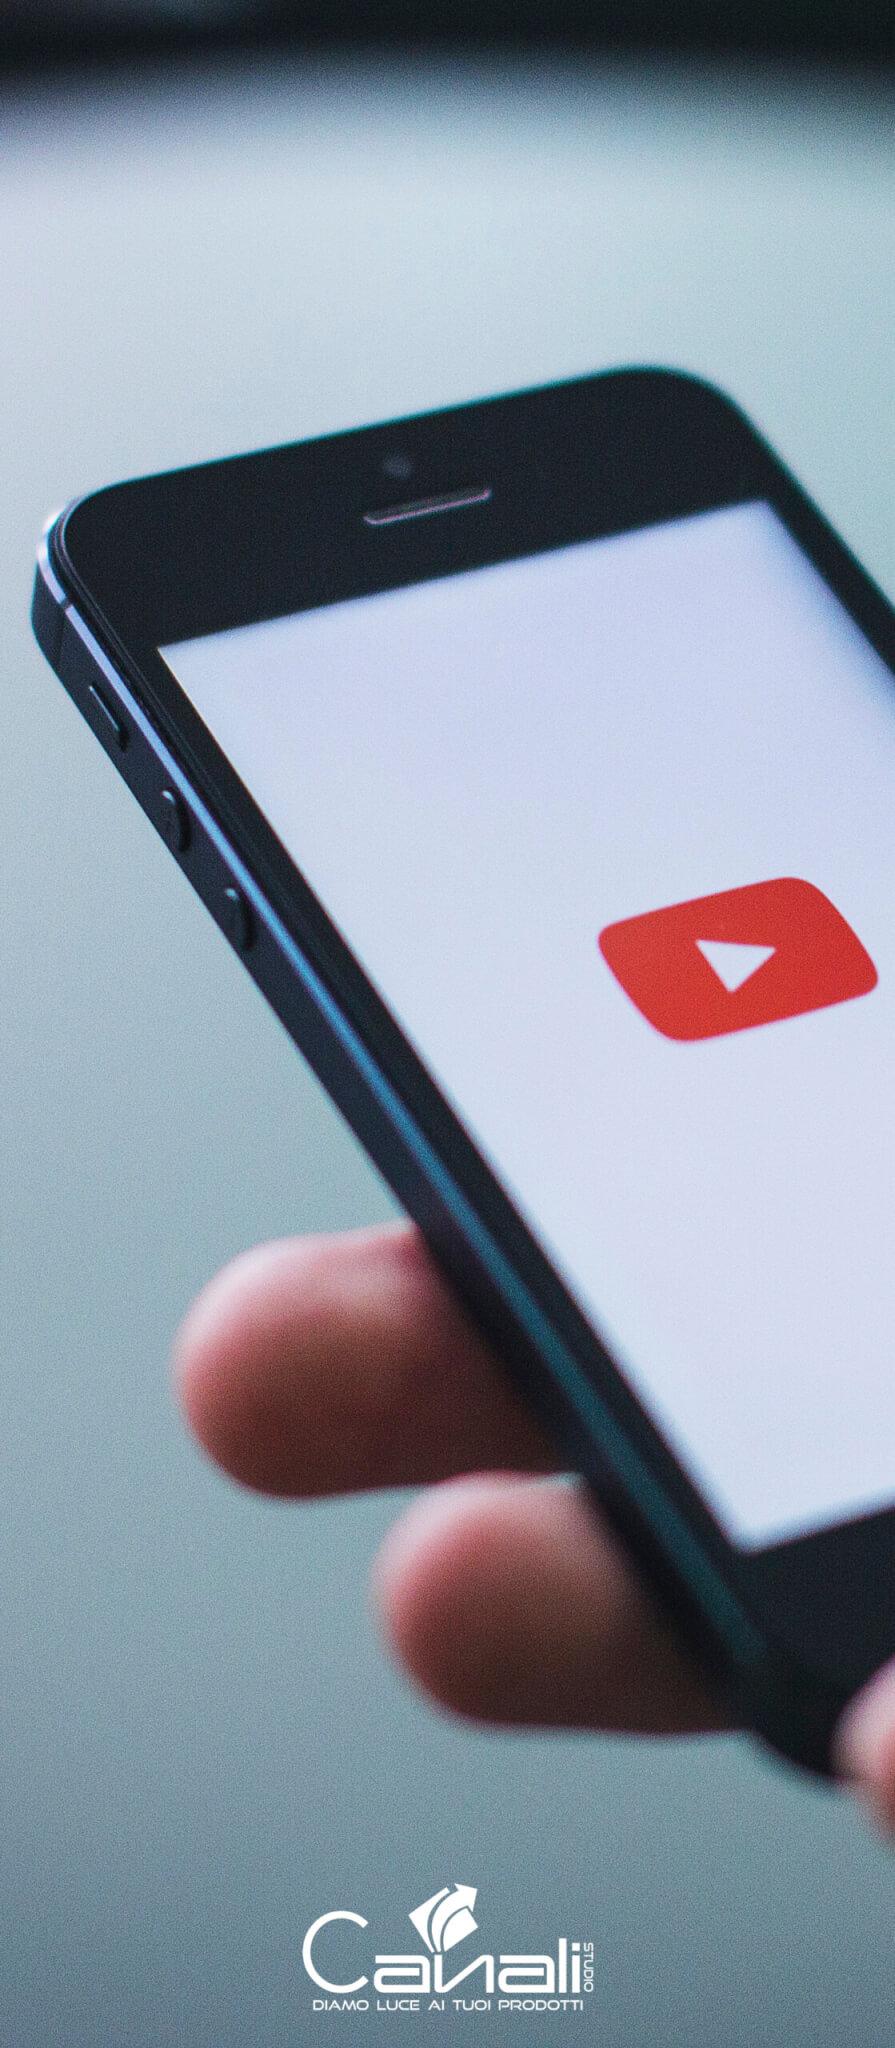 produzione video youtube